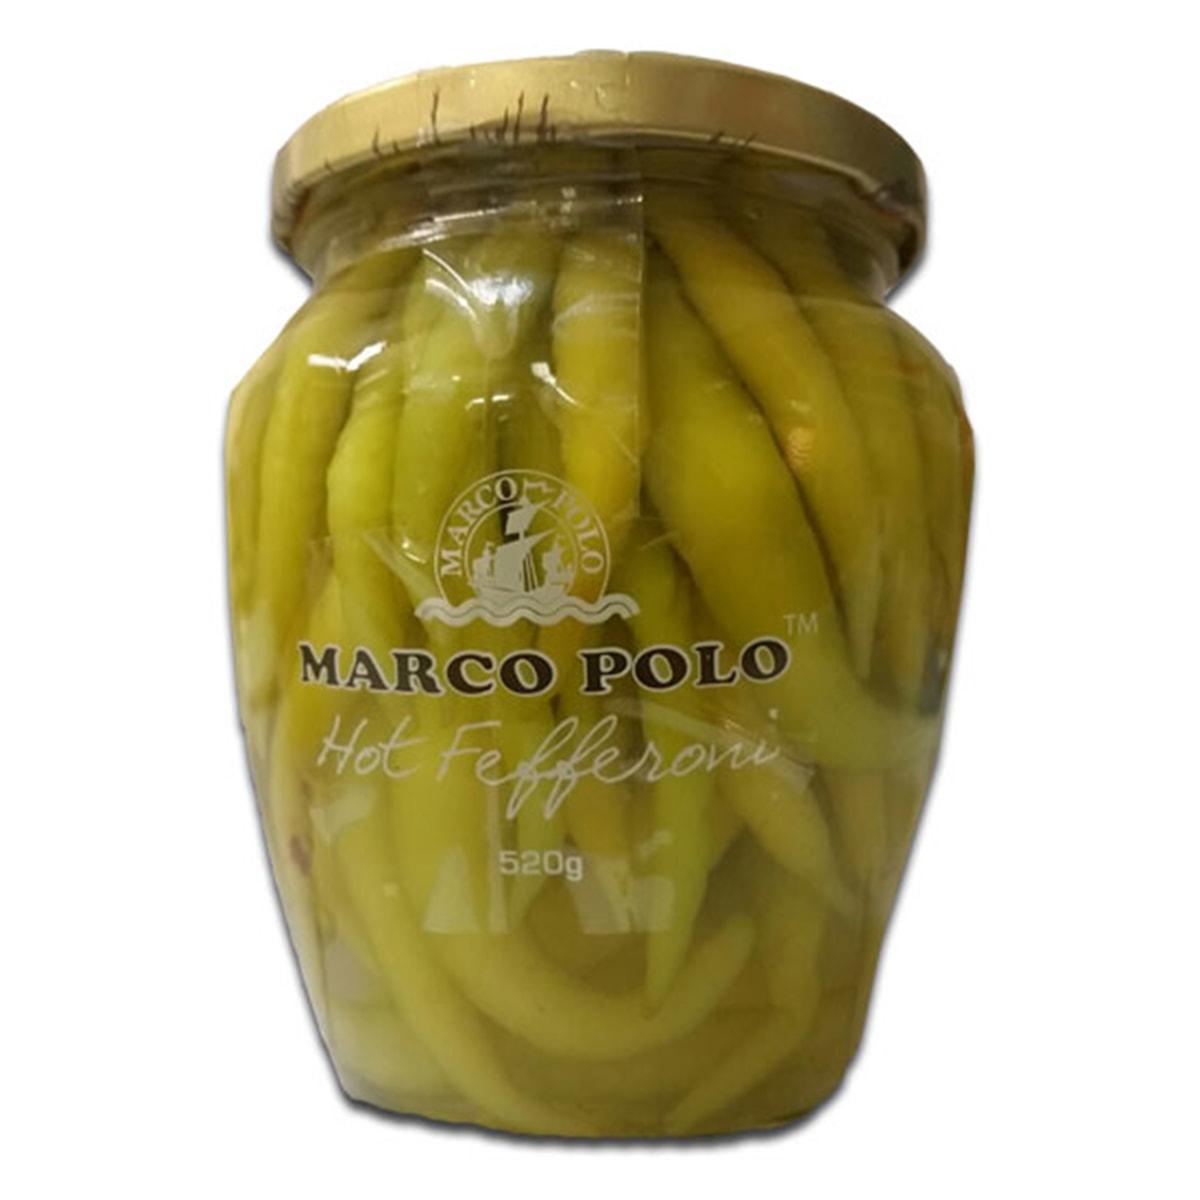 Buy Marco Polo Hot Fefferoni (Yellow Fefferoni Peppers) - 520 gm